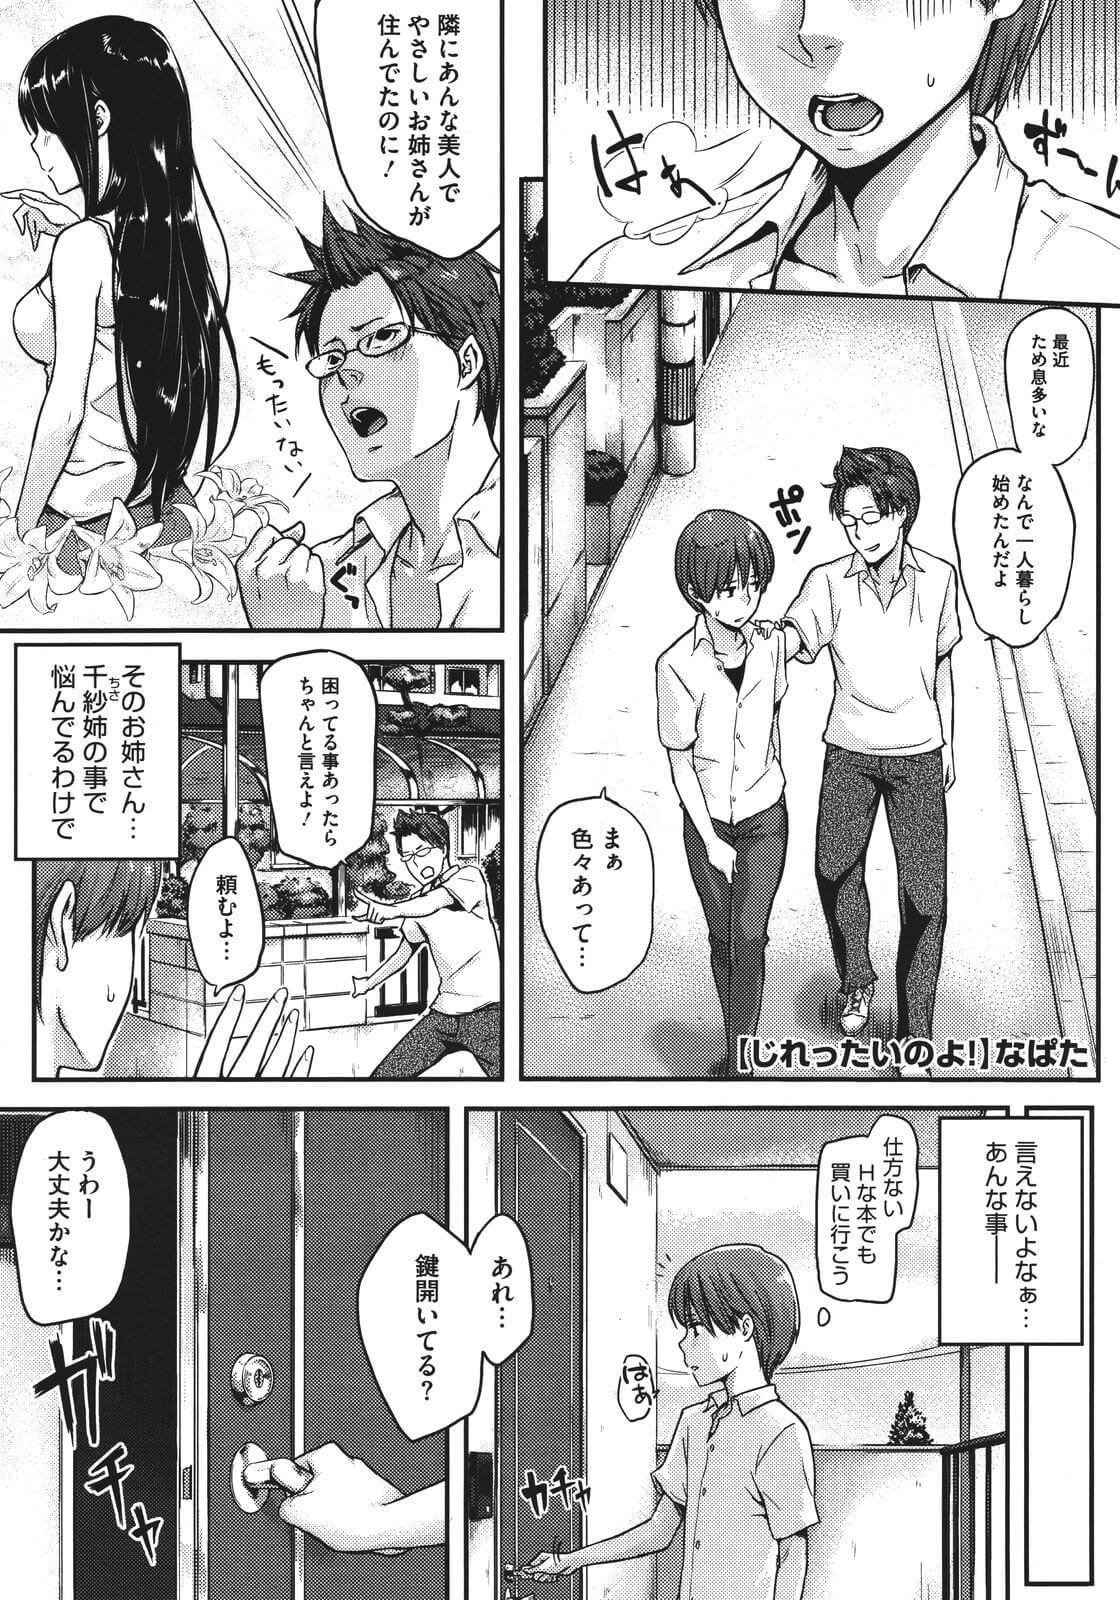 なぱた じれったいのよ 同人誌 Doujin Hentai 成人漫畫